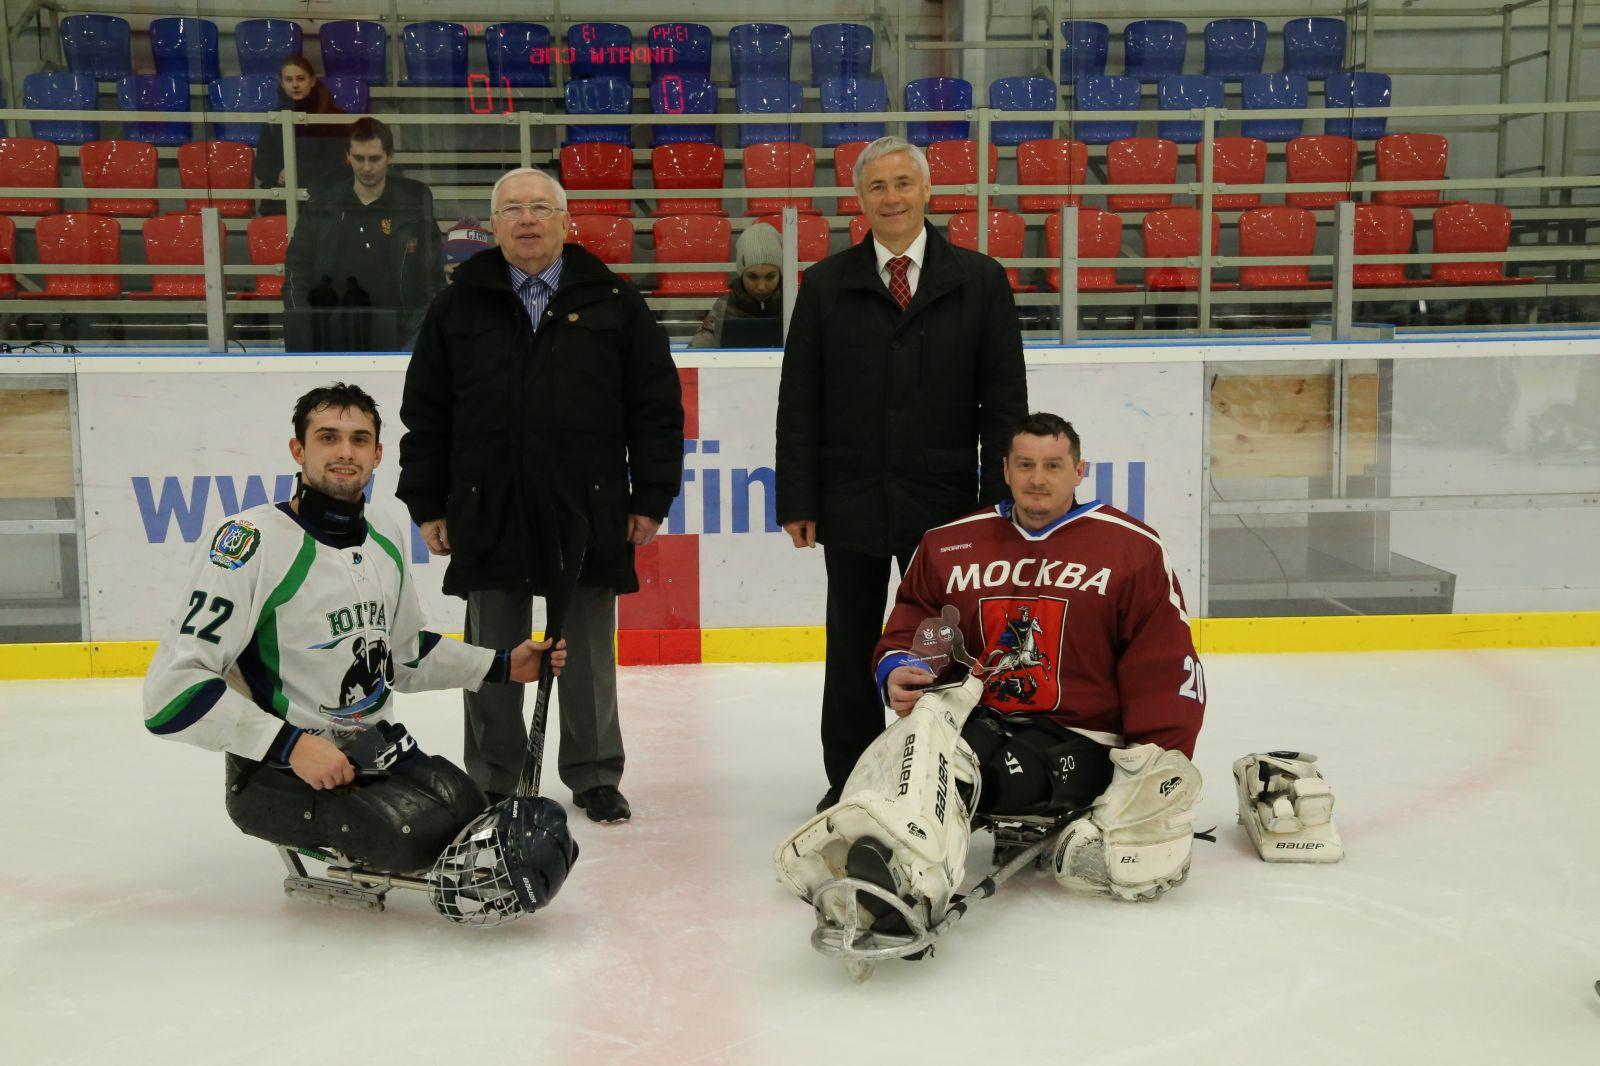 В.П. Лукин, П.А. Рожков приняли участие в просмотре соревнований по хоккею-следж Открытых Всероссийских соревнований по видам спорта, включенным в программу XII Паралимпийских зимних игр 2018 года в г. Пхенчхан (Республика Корея)